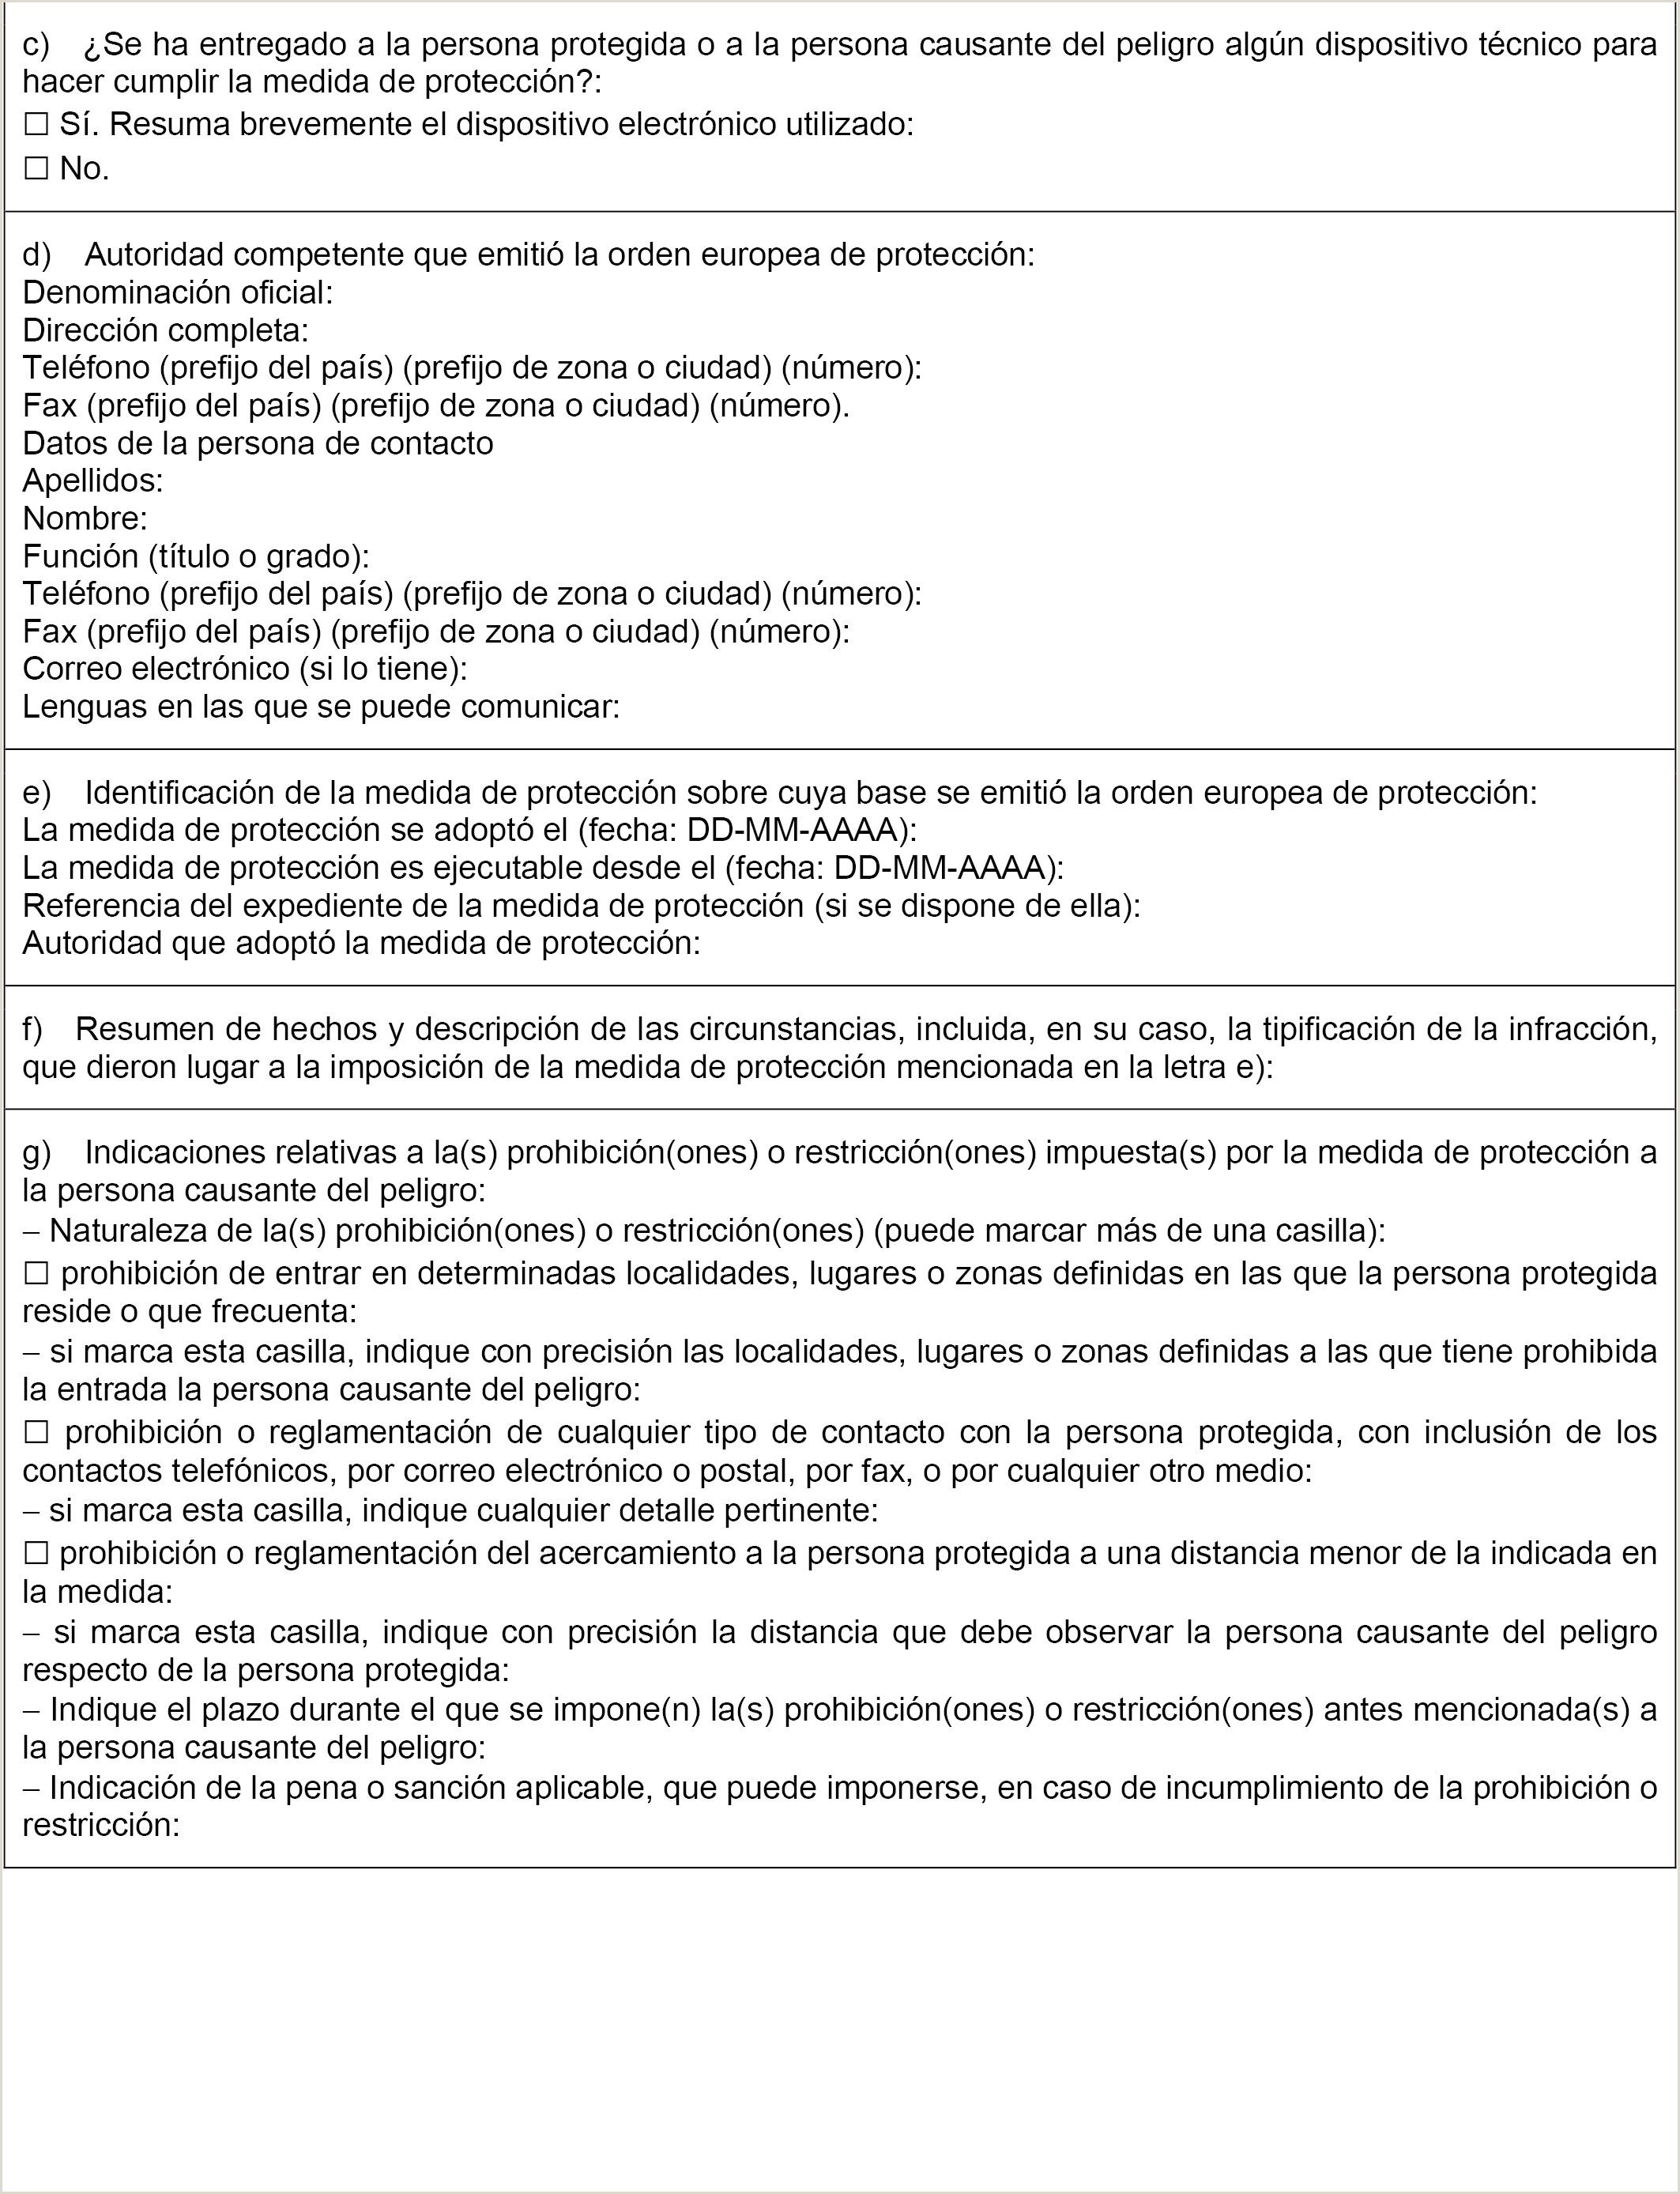 Formato Unico Hoja De Vida Persona Juridica Funcion Publica Boe Documento Consolidado Boe A 2014